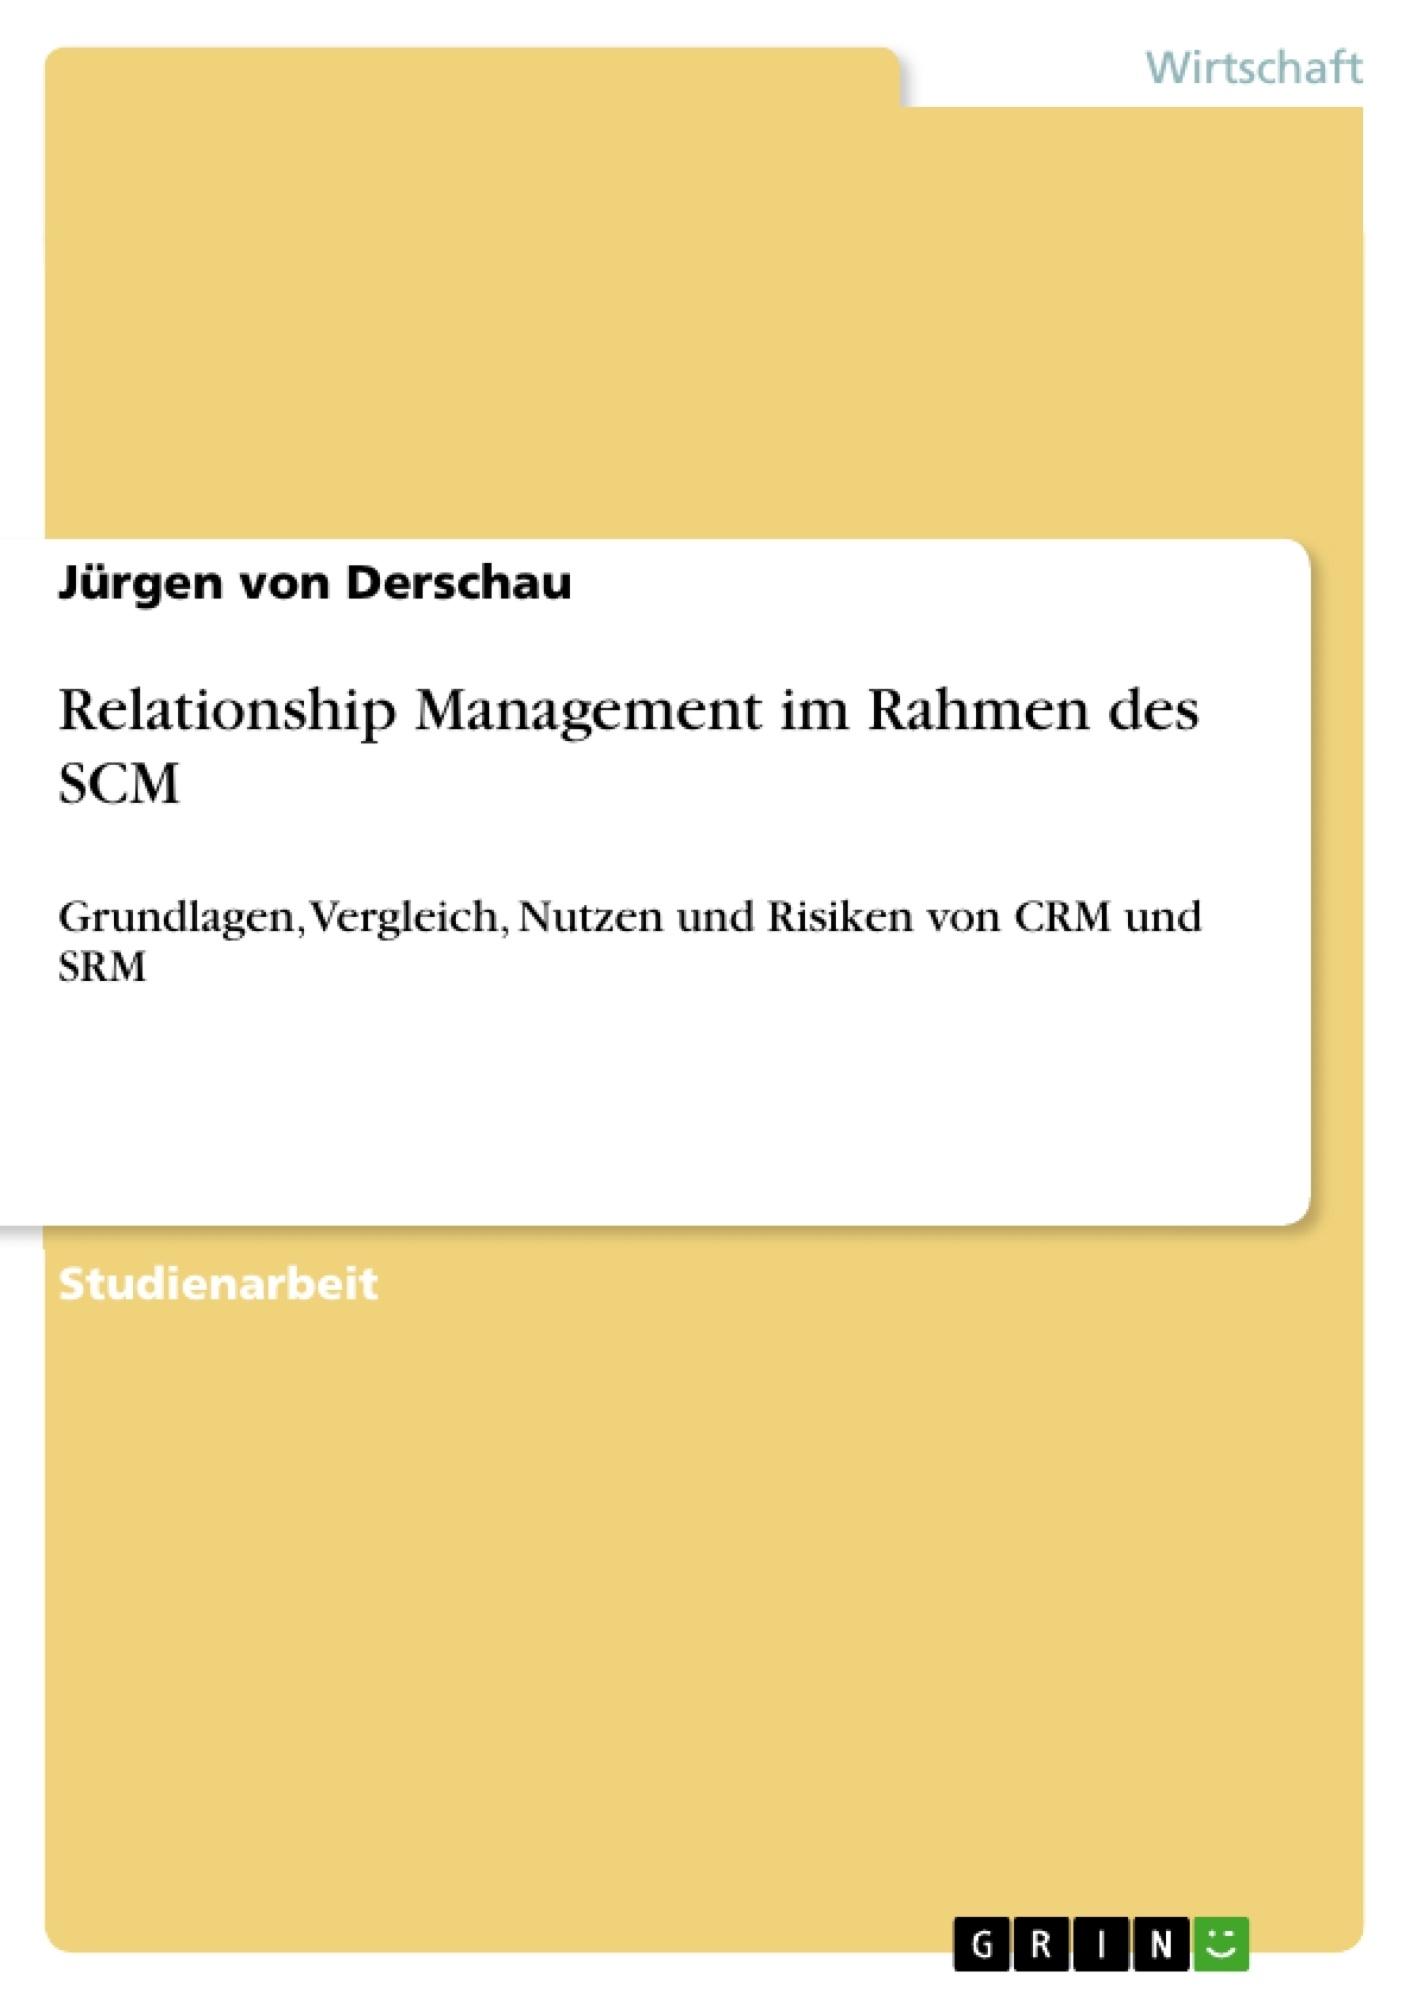 Titel: Relationship Management im Rahmen des SCM